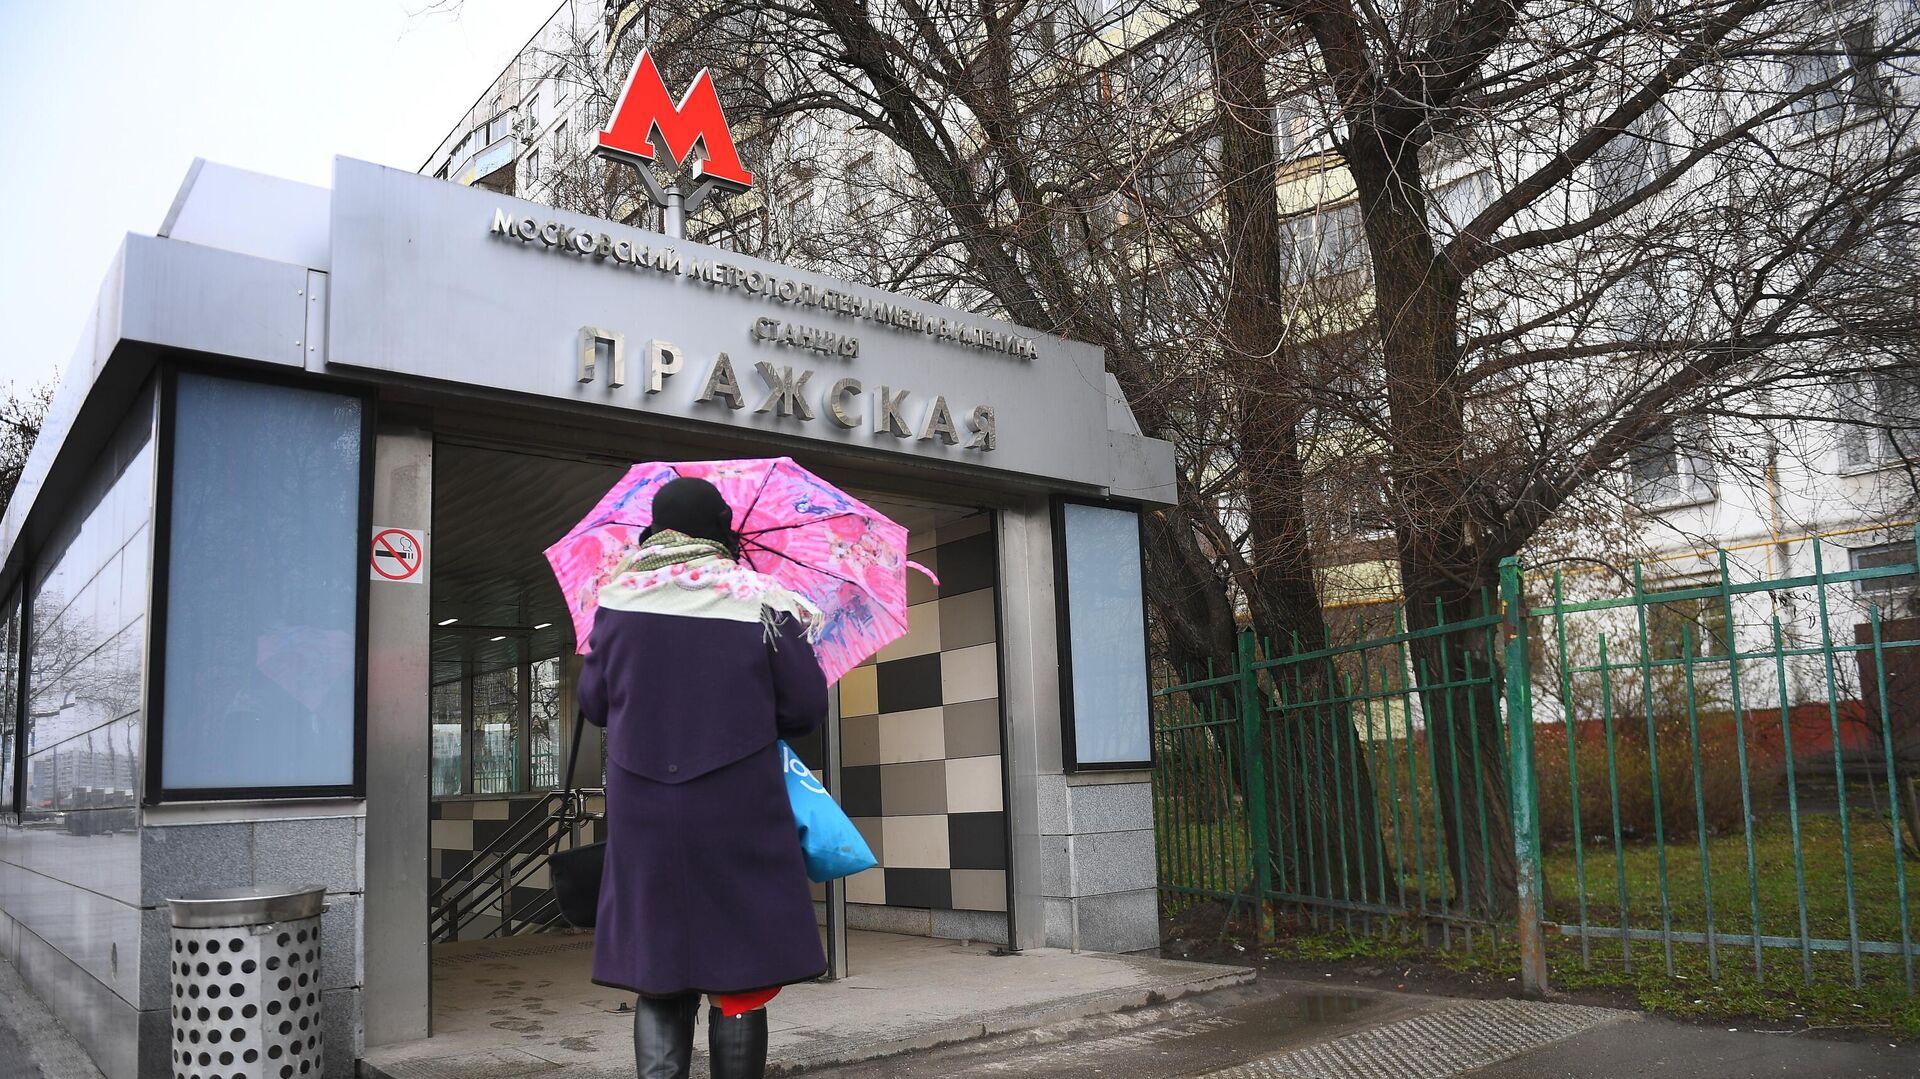 Логотип Московского метрополитена на входе в вестибюль станции Пражская - РИА Новости, 1920, 23.06.2021